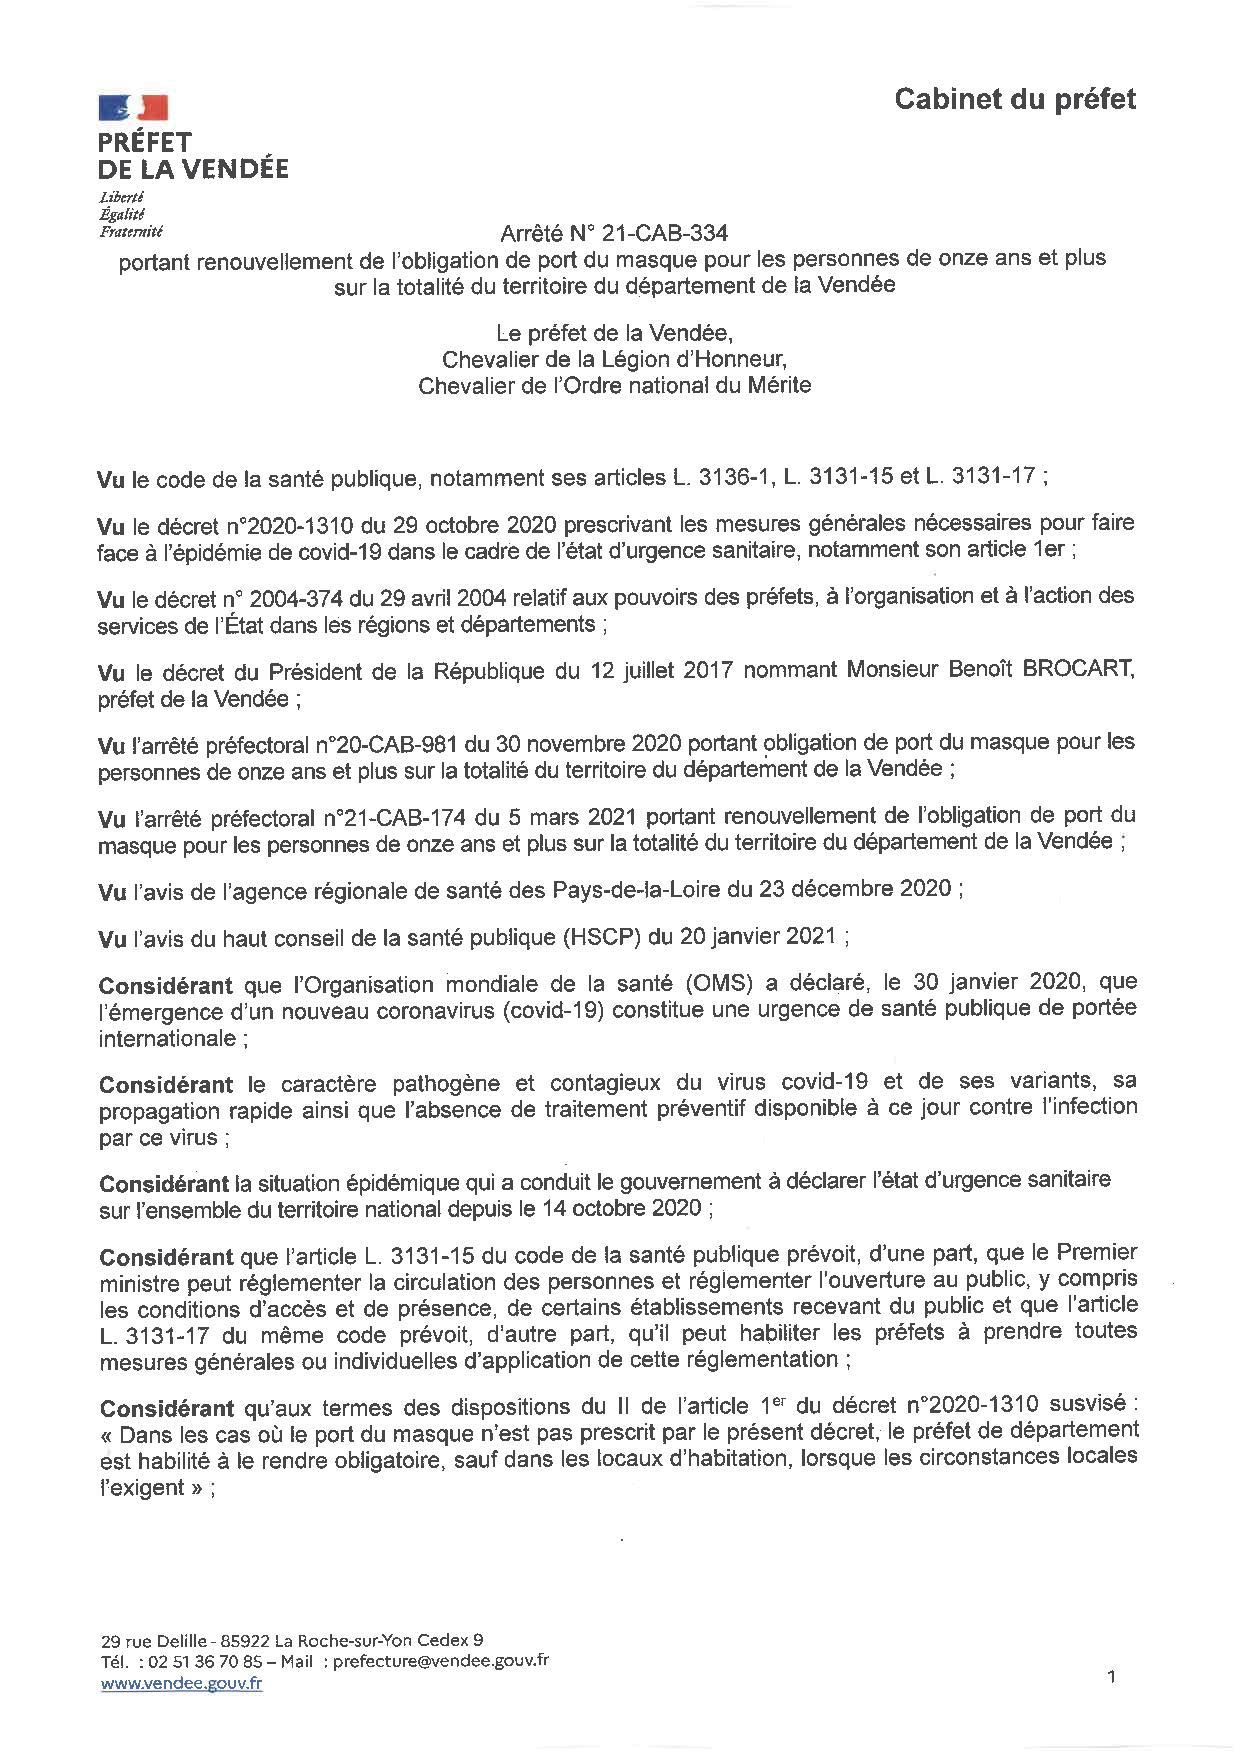 Obligation du port du masque pour les personnes de onze et plus sur la totalité du territoire du département de la Vendée jusqu'au mercredi 19 mai 2021 inclus.